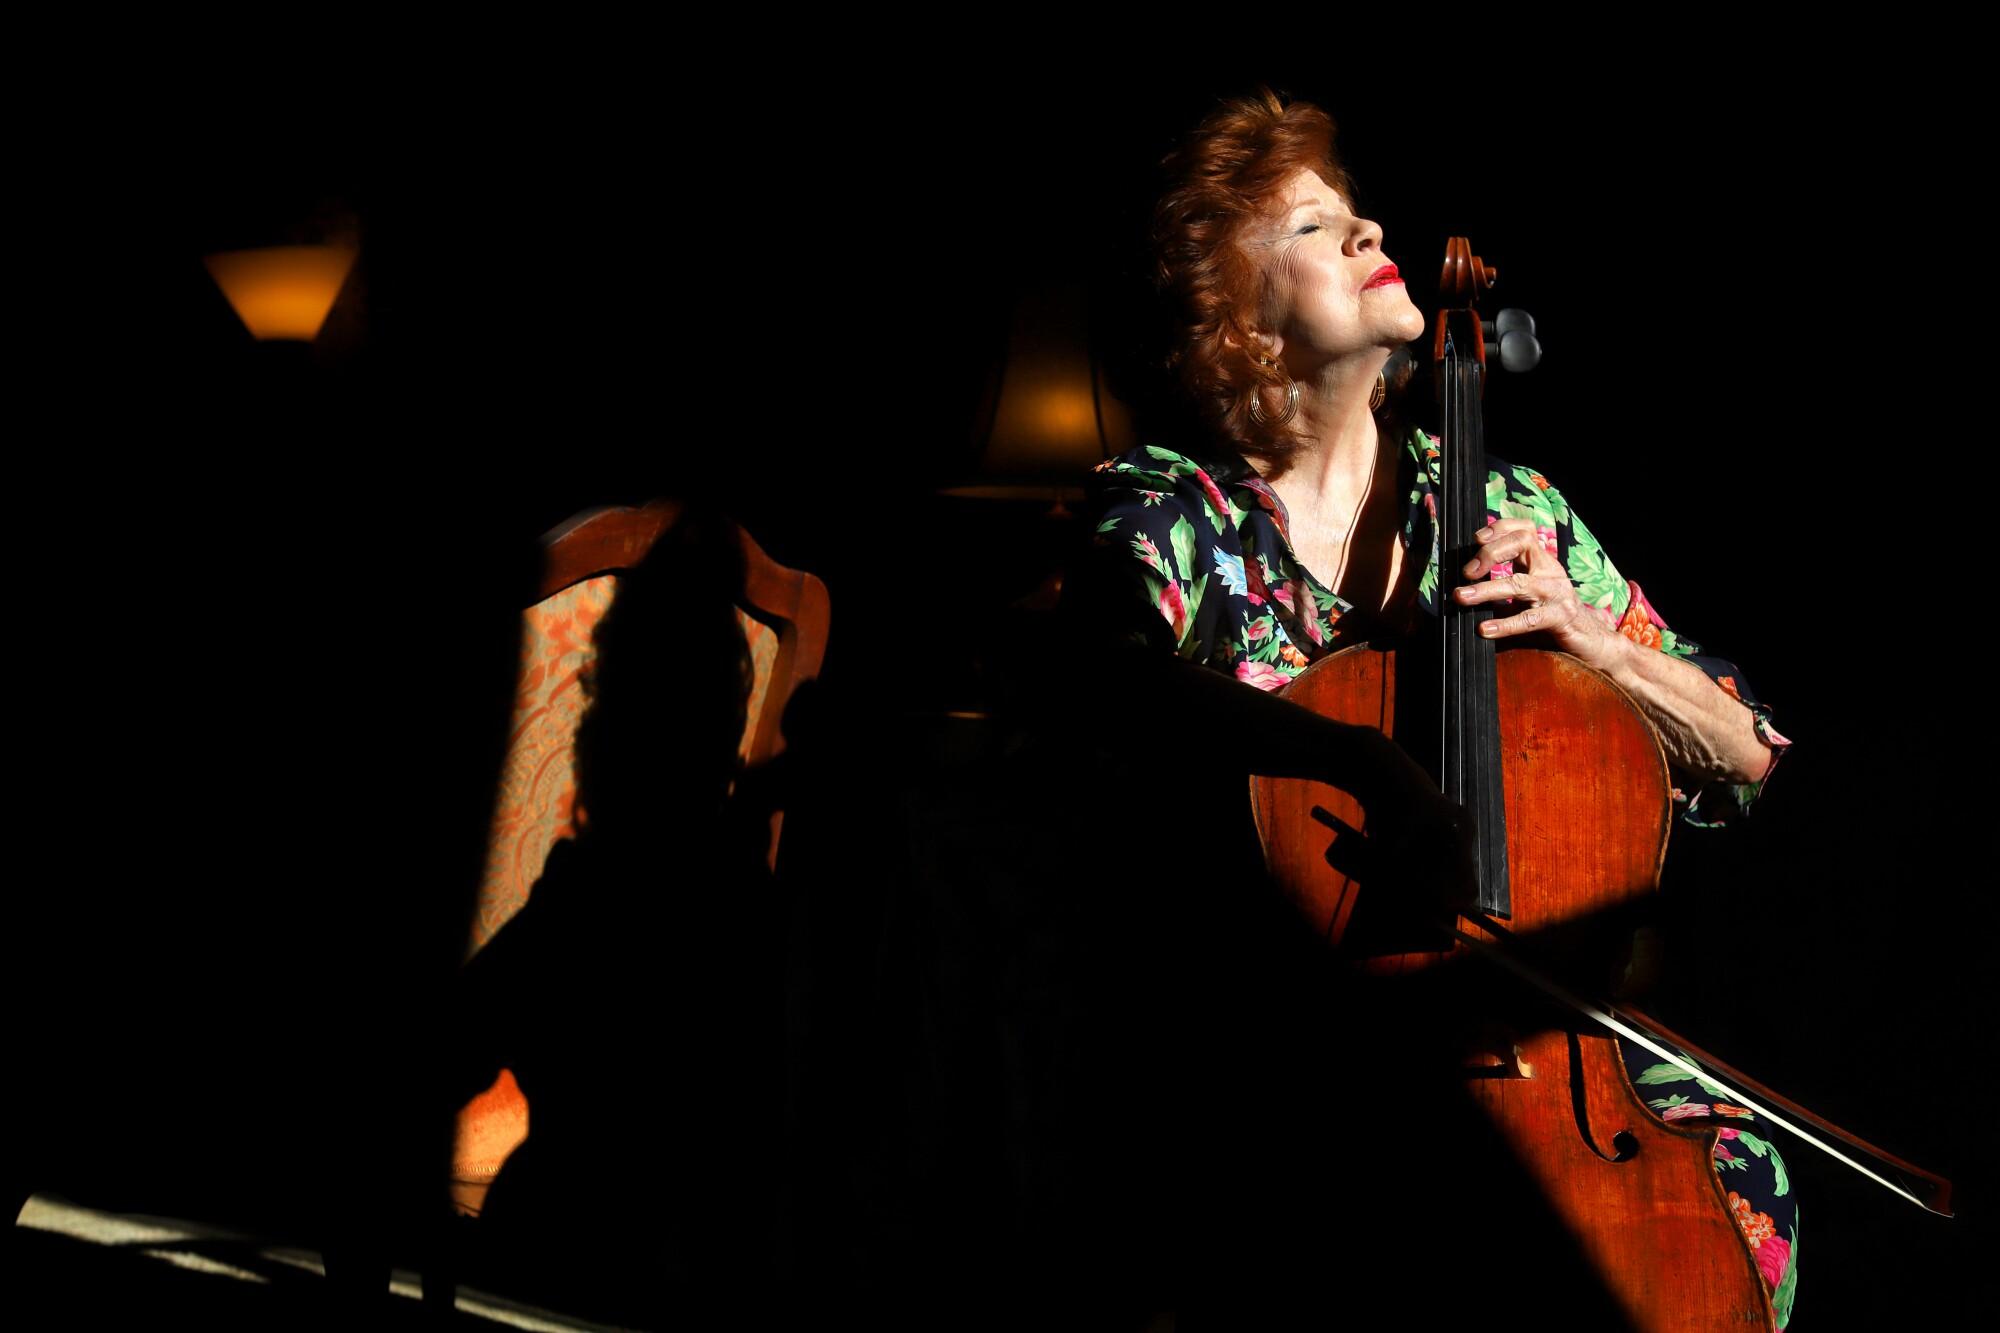 Christine Walevska, una maestra violonchelista, ha tocado en todo el mundo durante su larga carrera.